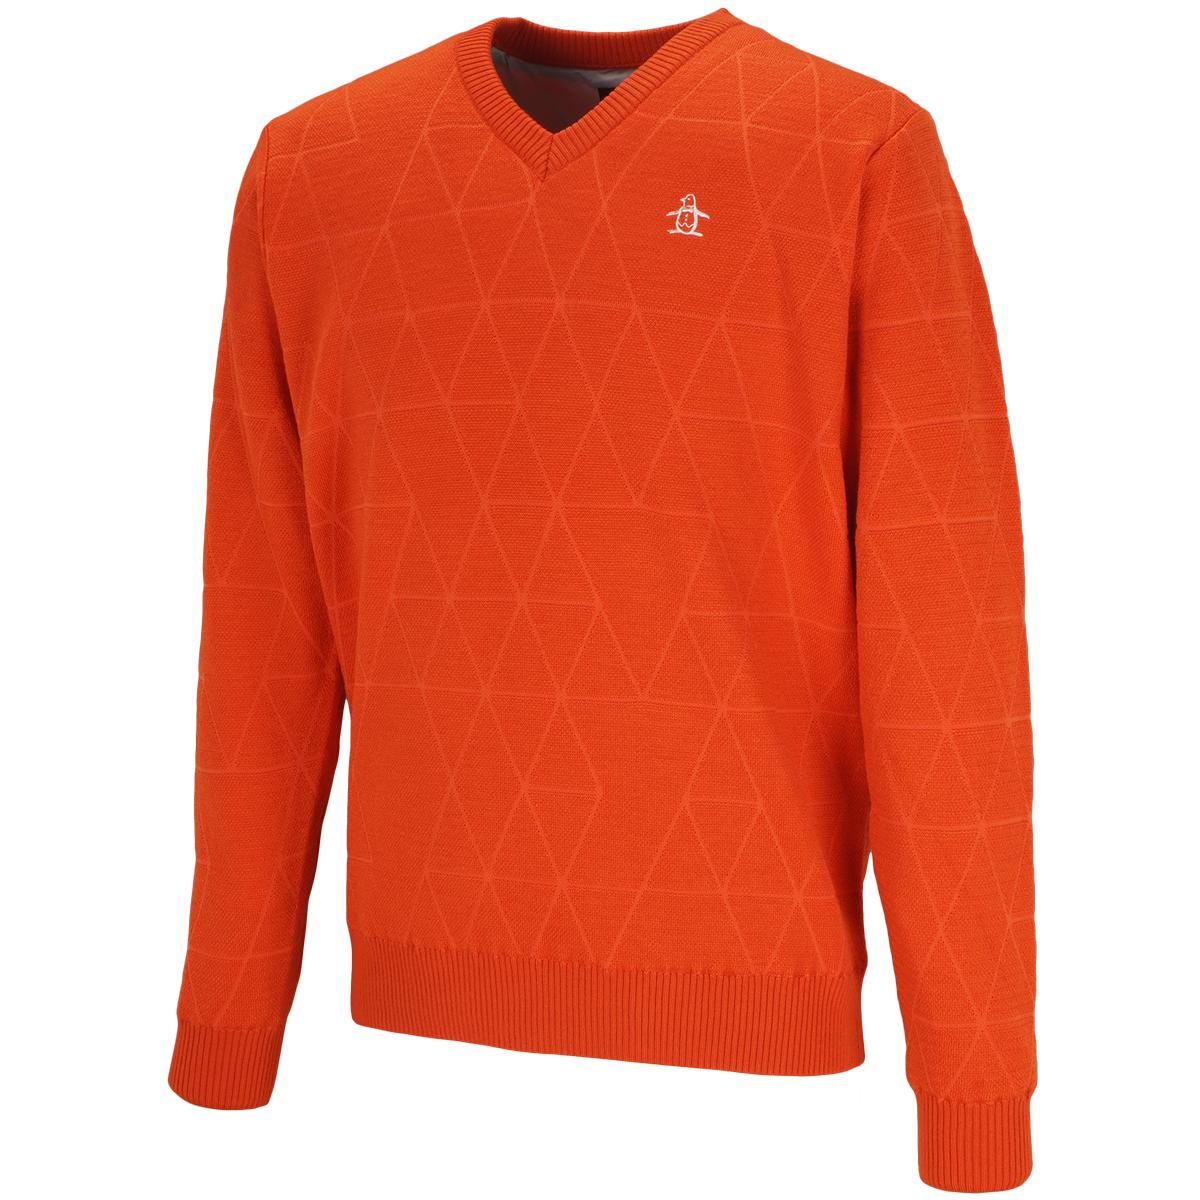 ダイヤヒートナビVネックセーター